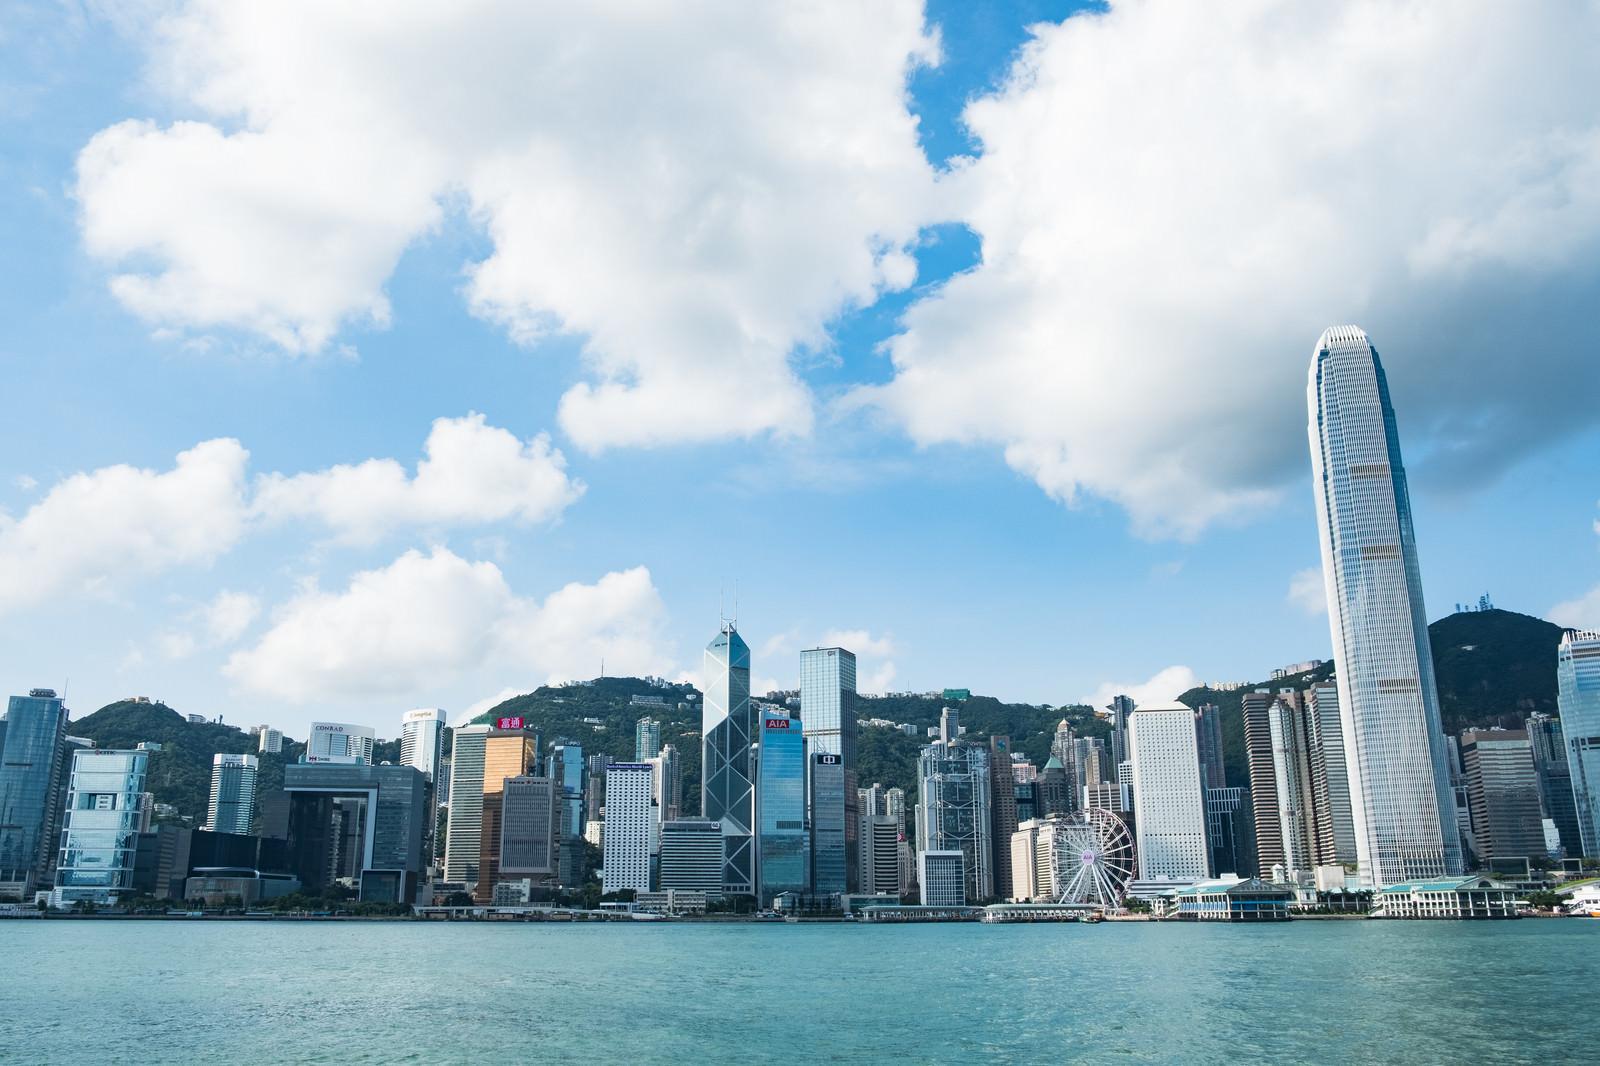 「香港の都市部のビル群」の写真